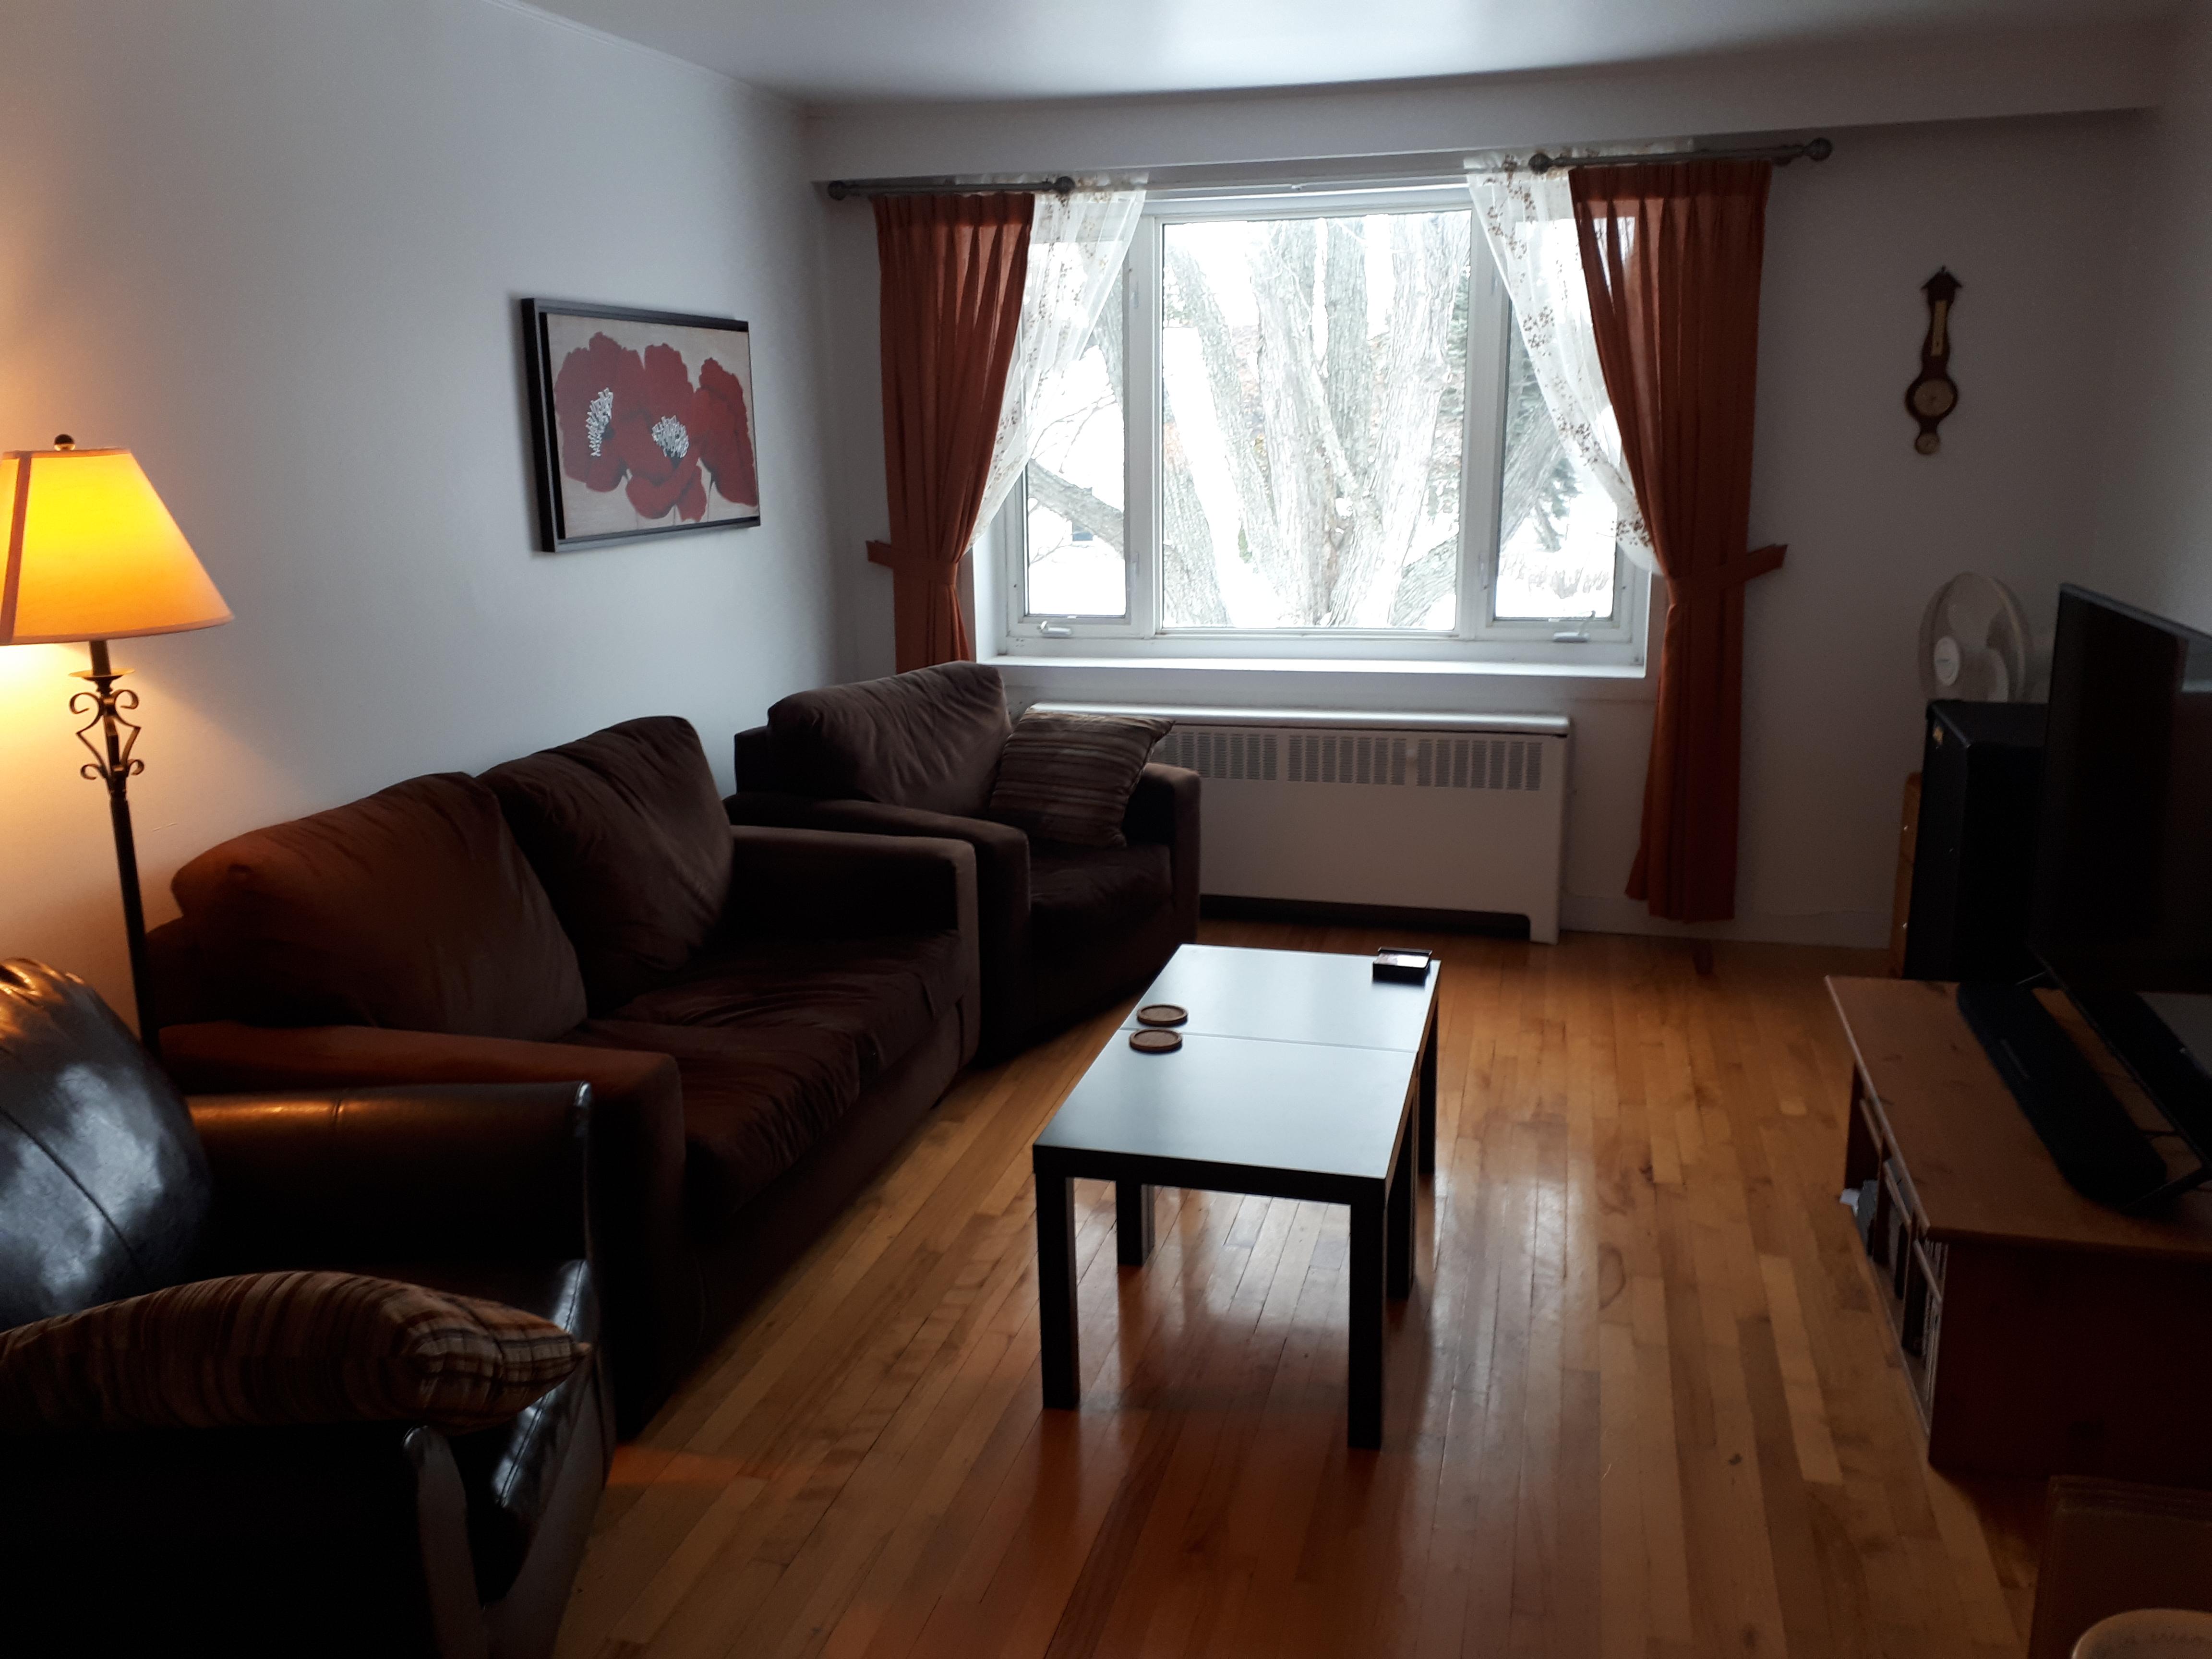 2538, Av. de Monceaux #37, Québec G1T 2N7